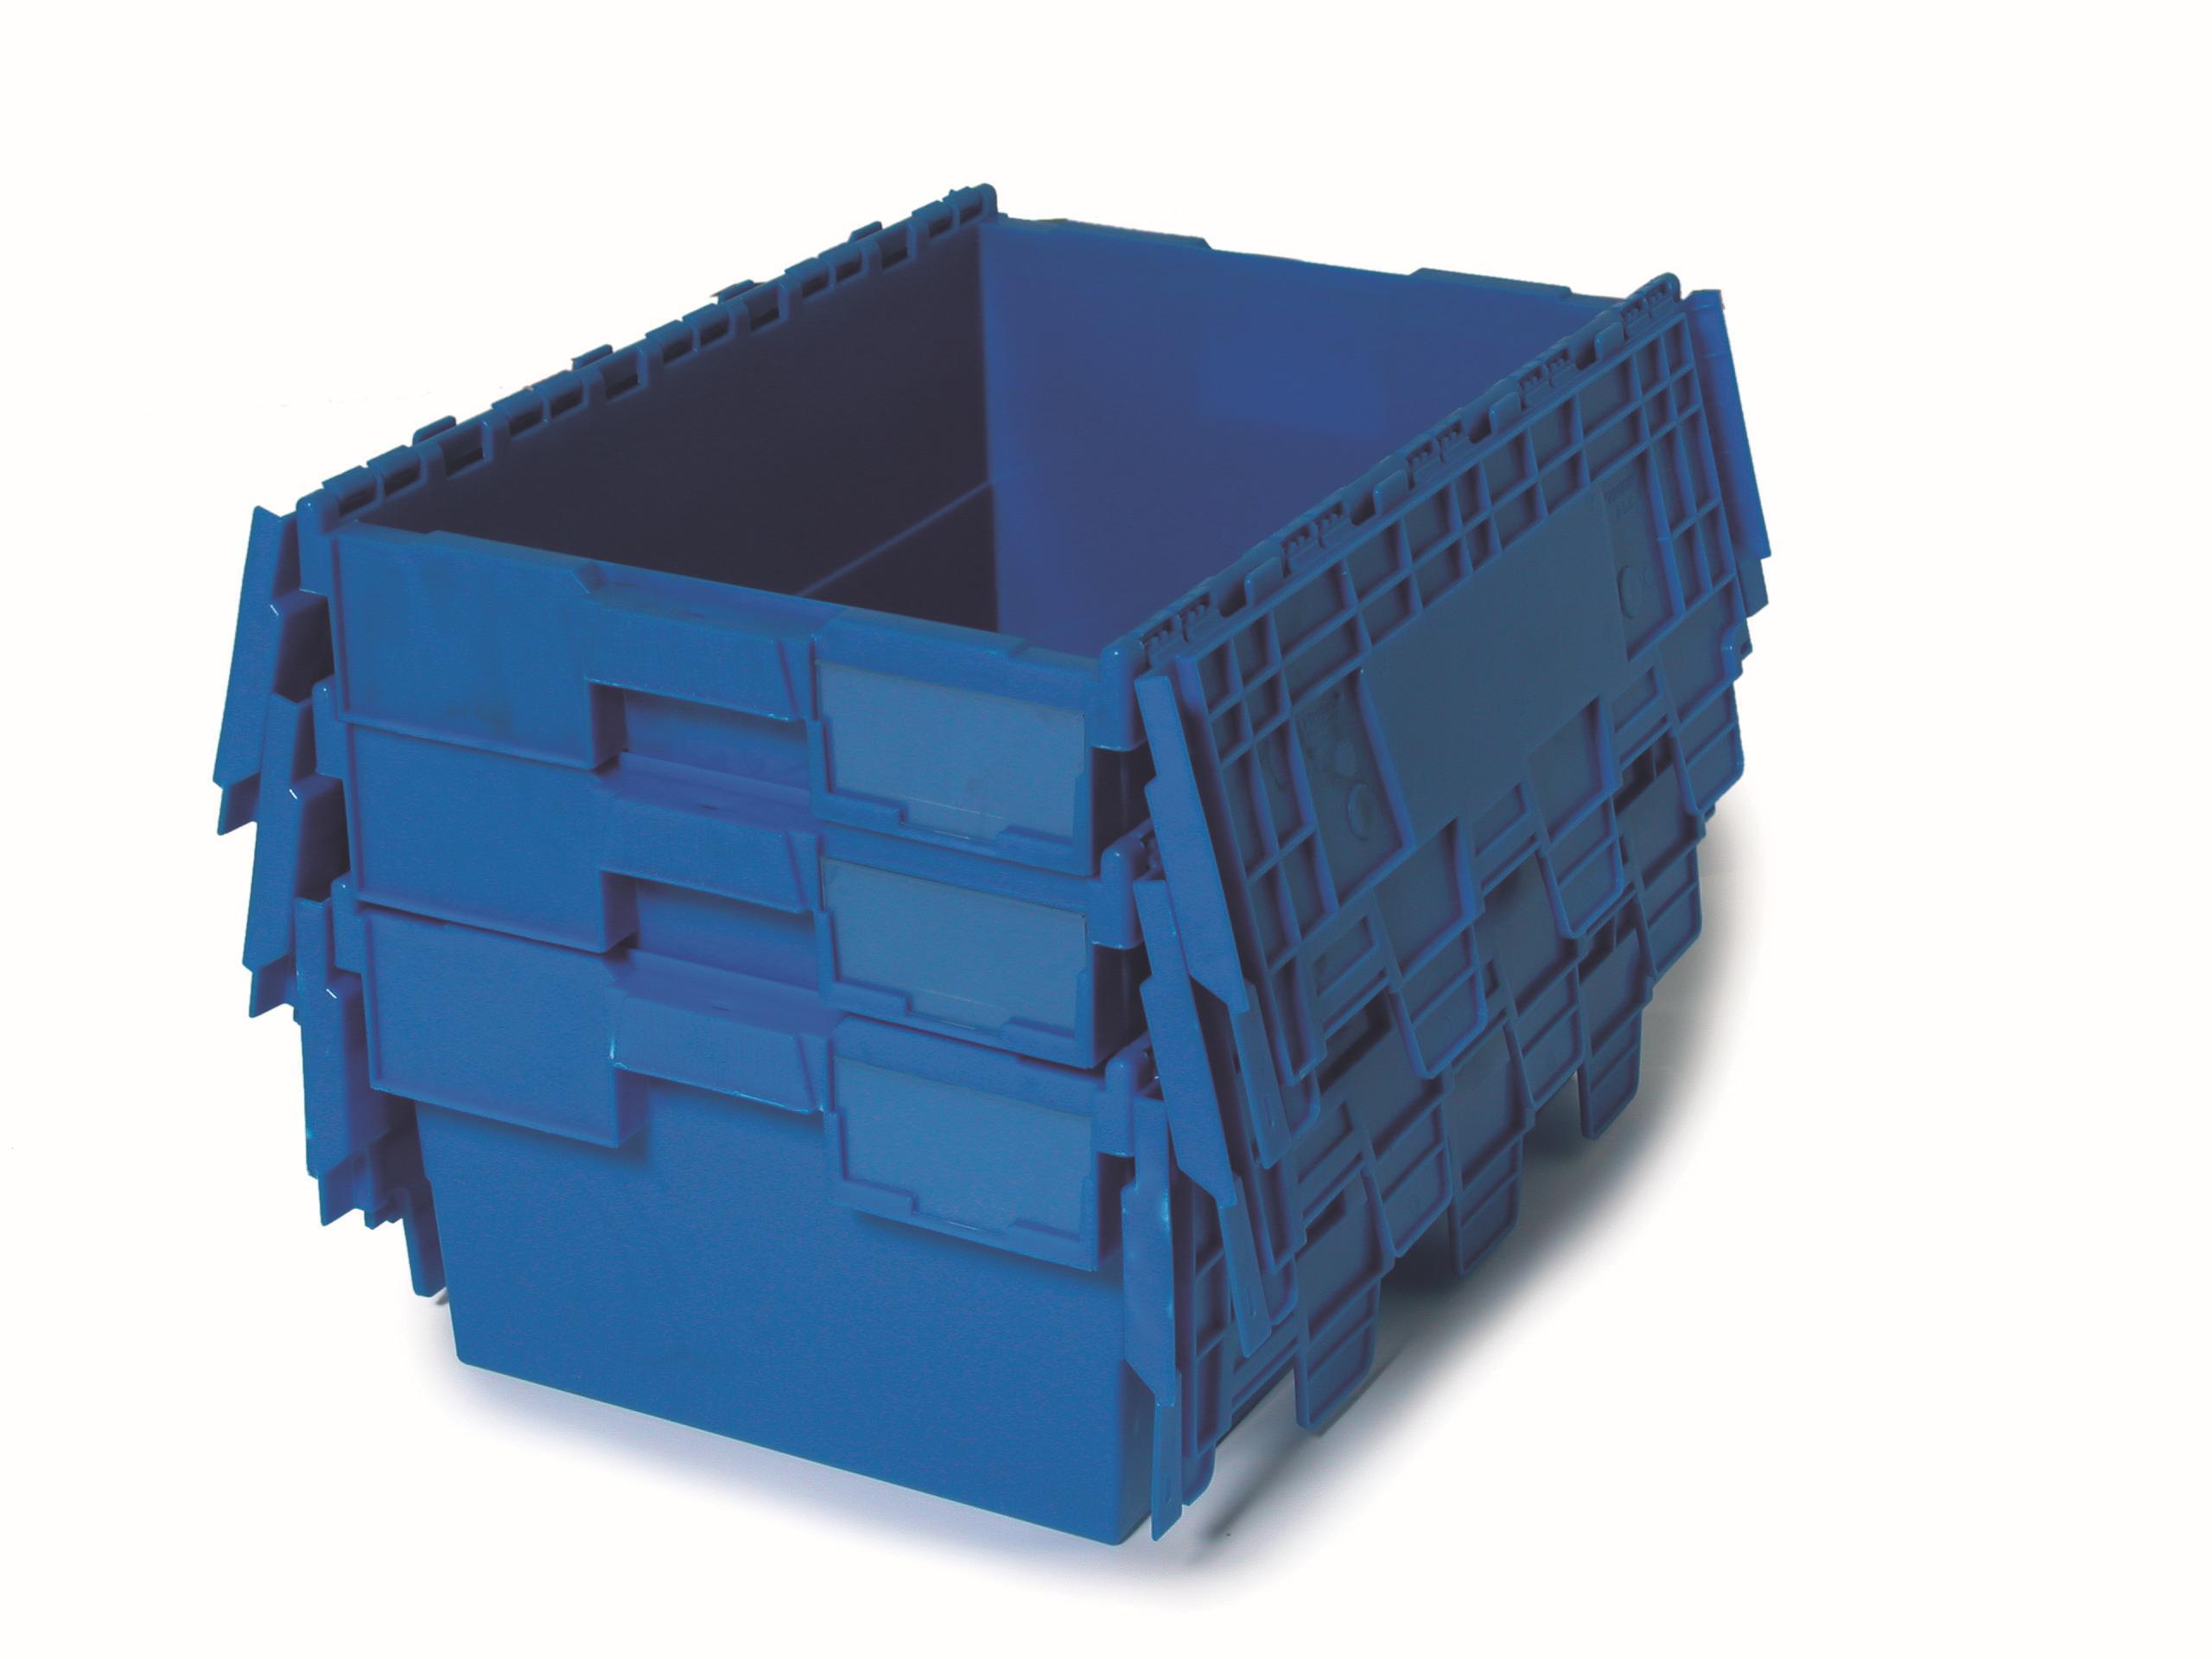 Praktiske kasser til transport og opbevaring - Food Supply DK